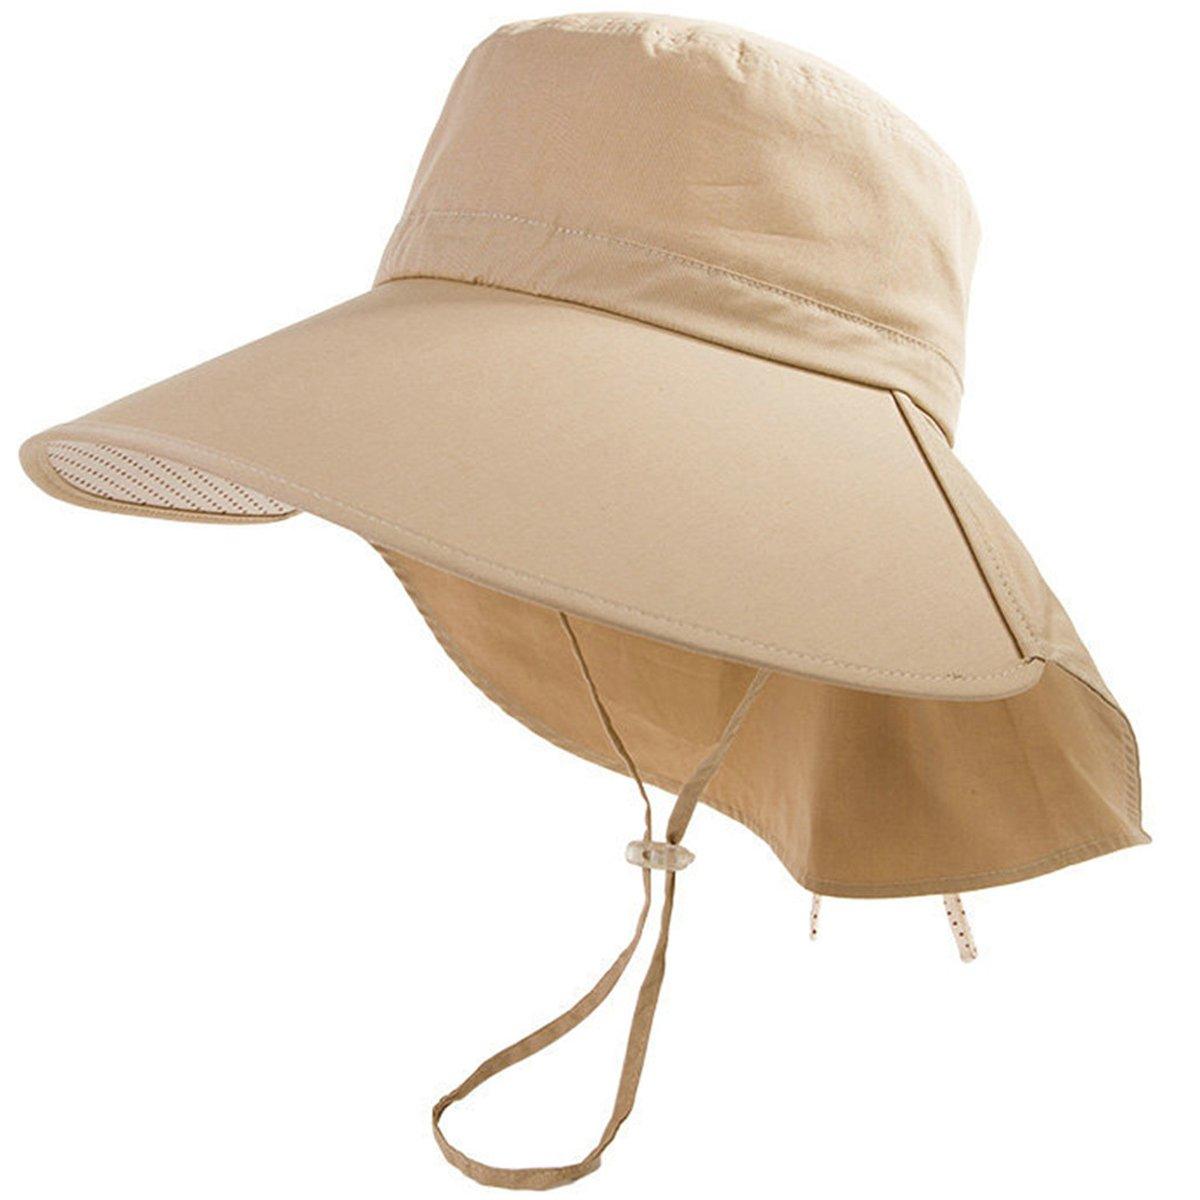 Mujer Sol Verano Algodón Sombrero De Ala Ancha Tapa Abatible Upf 50 +  Barbilla Manera Gorro 0ee6f0de1012